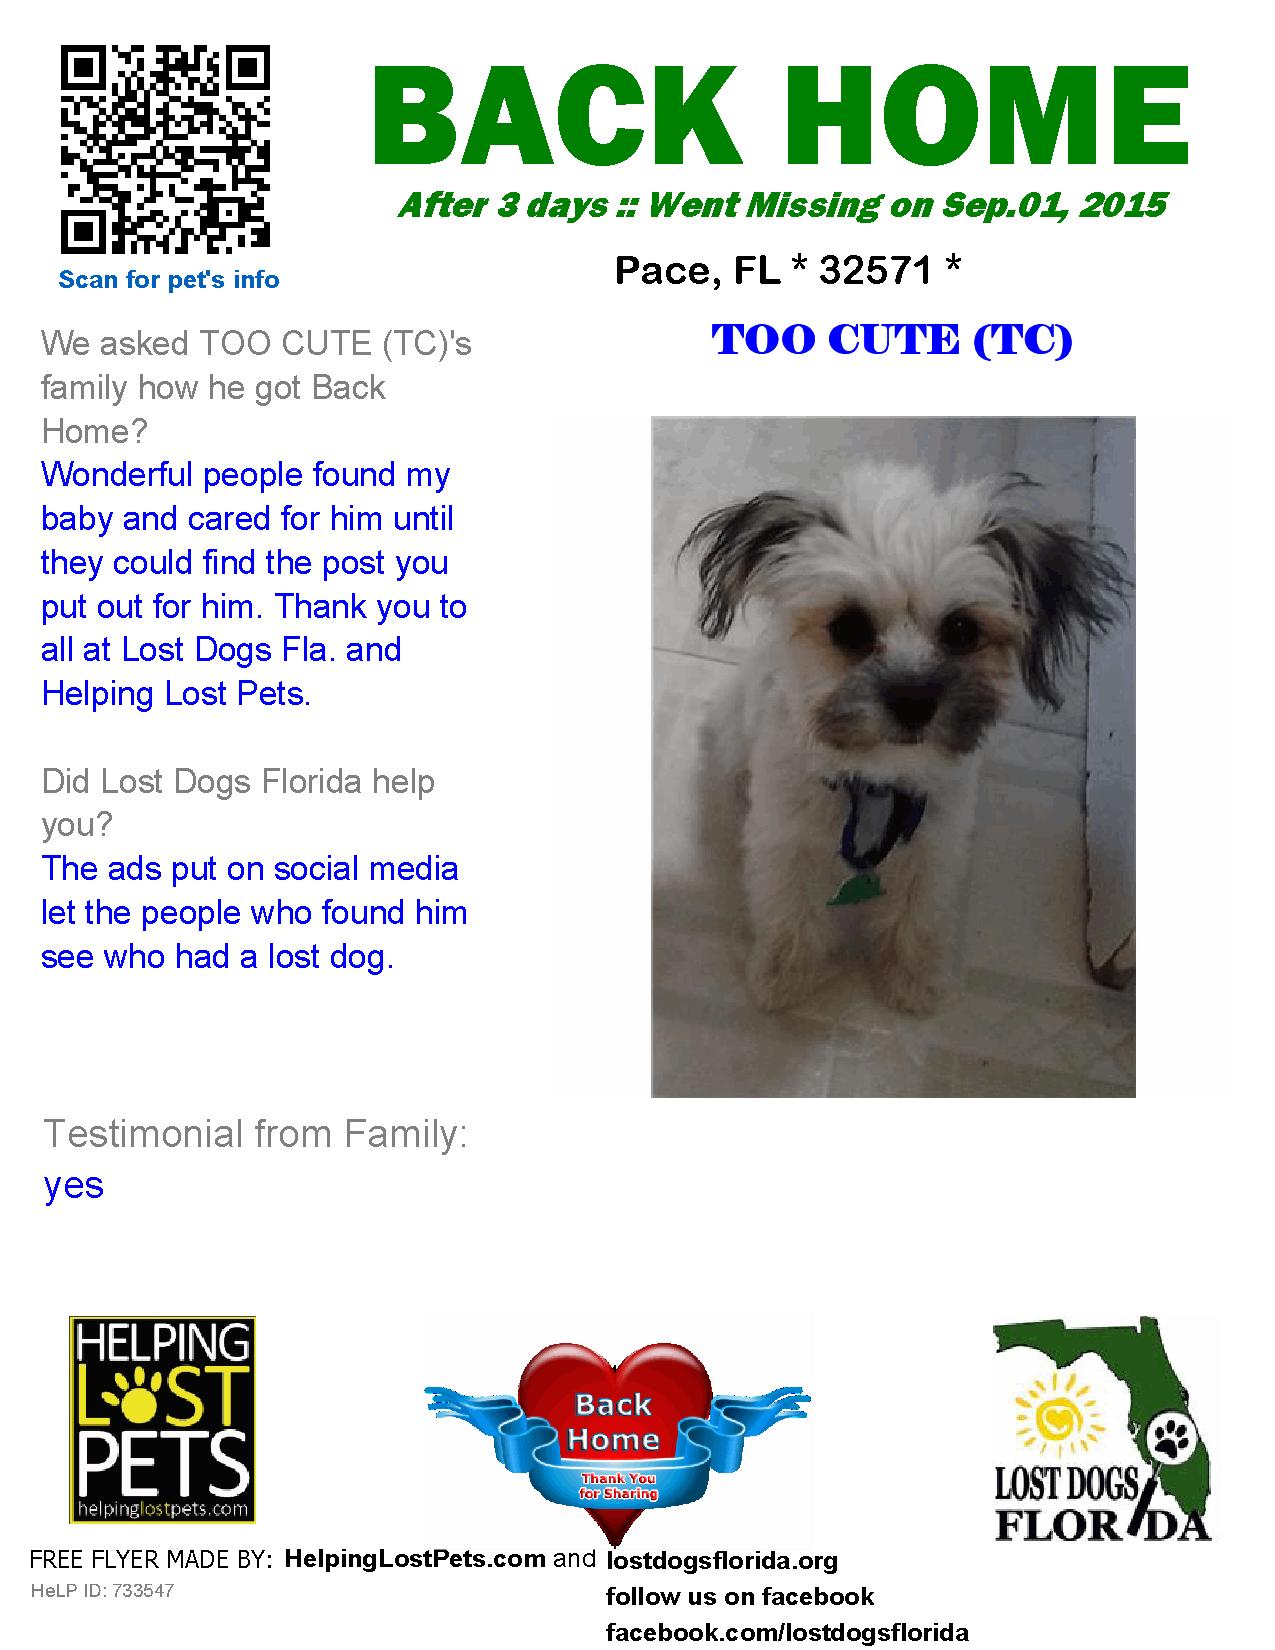 Lost Dog Shih Tzu Pace Fl United States 32571 Losing A Dog Losing A Pet Shih Tzu